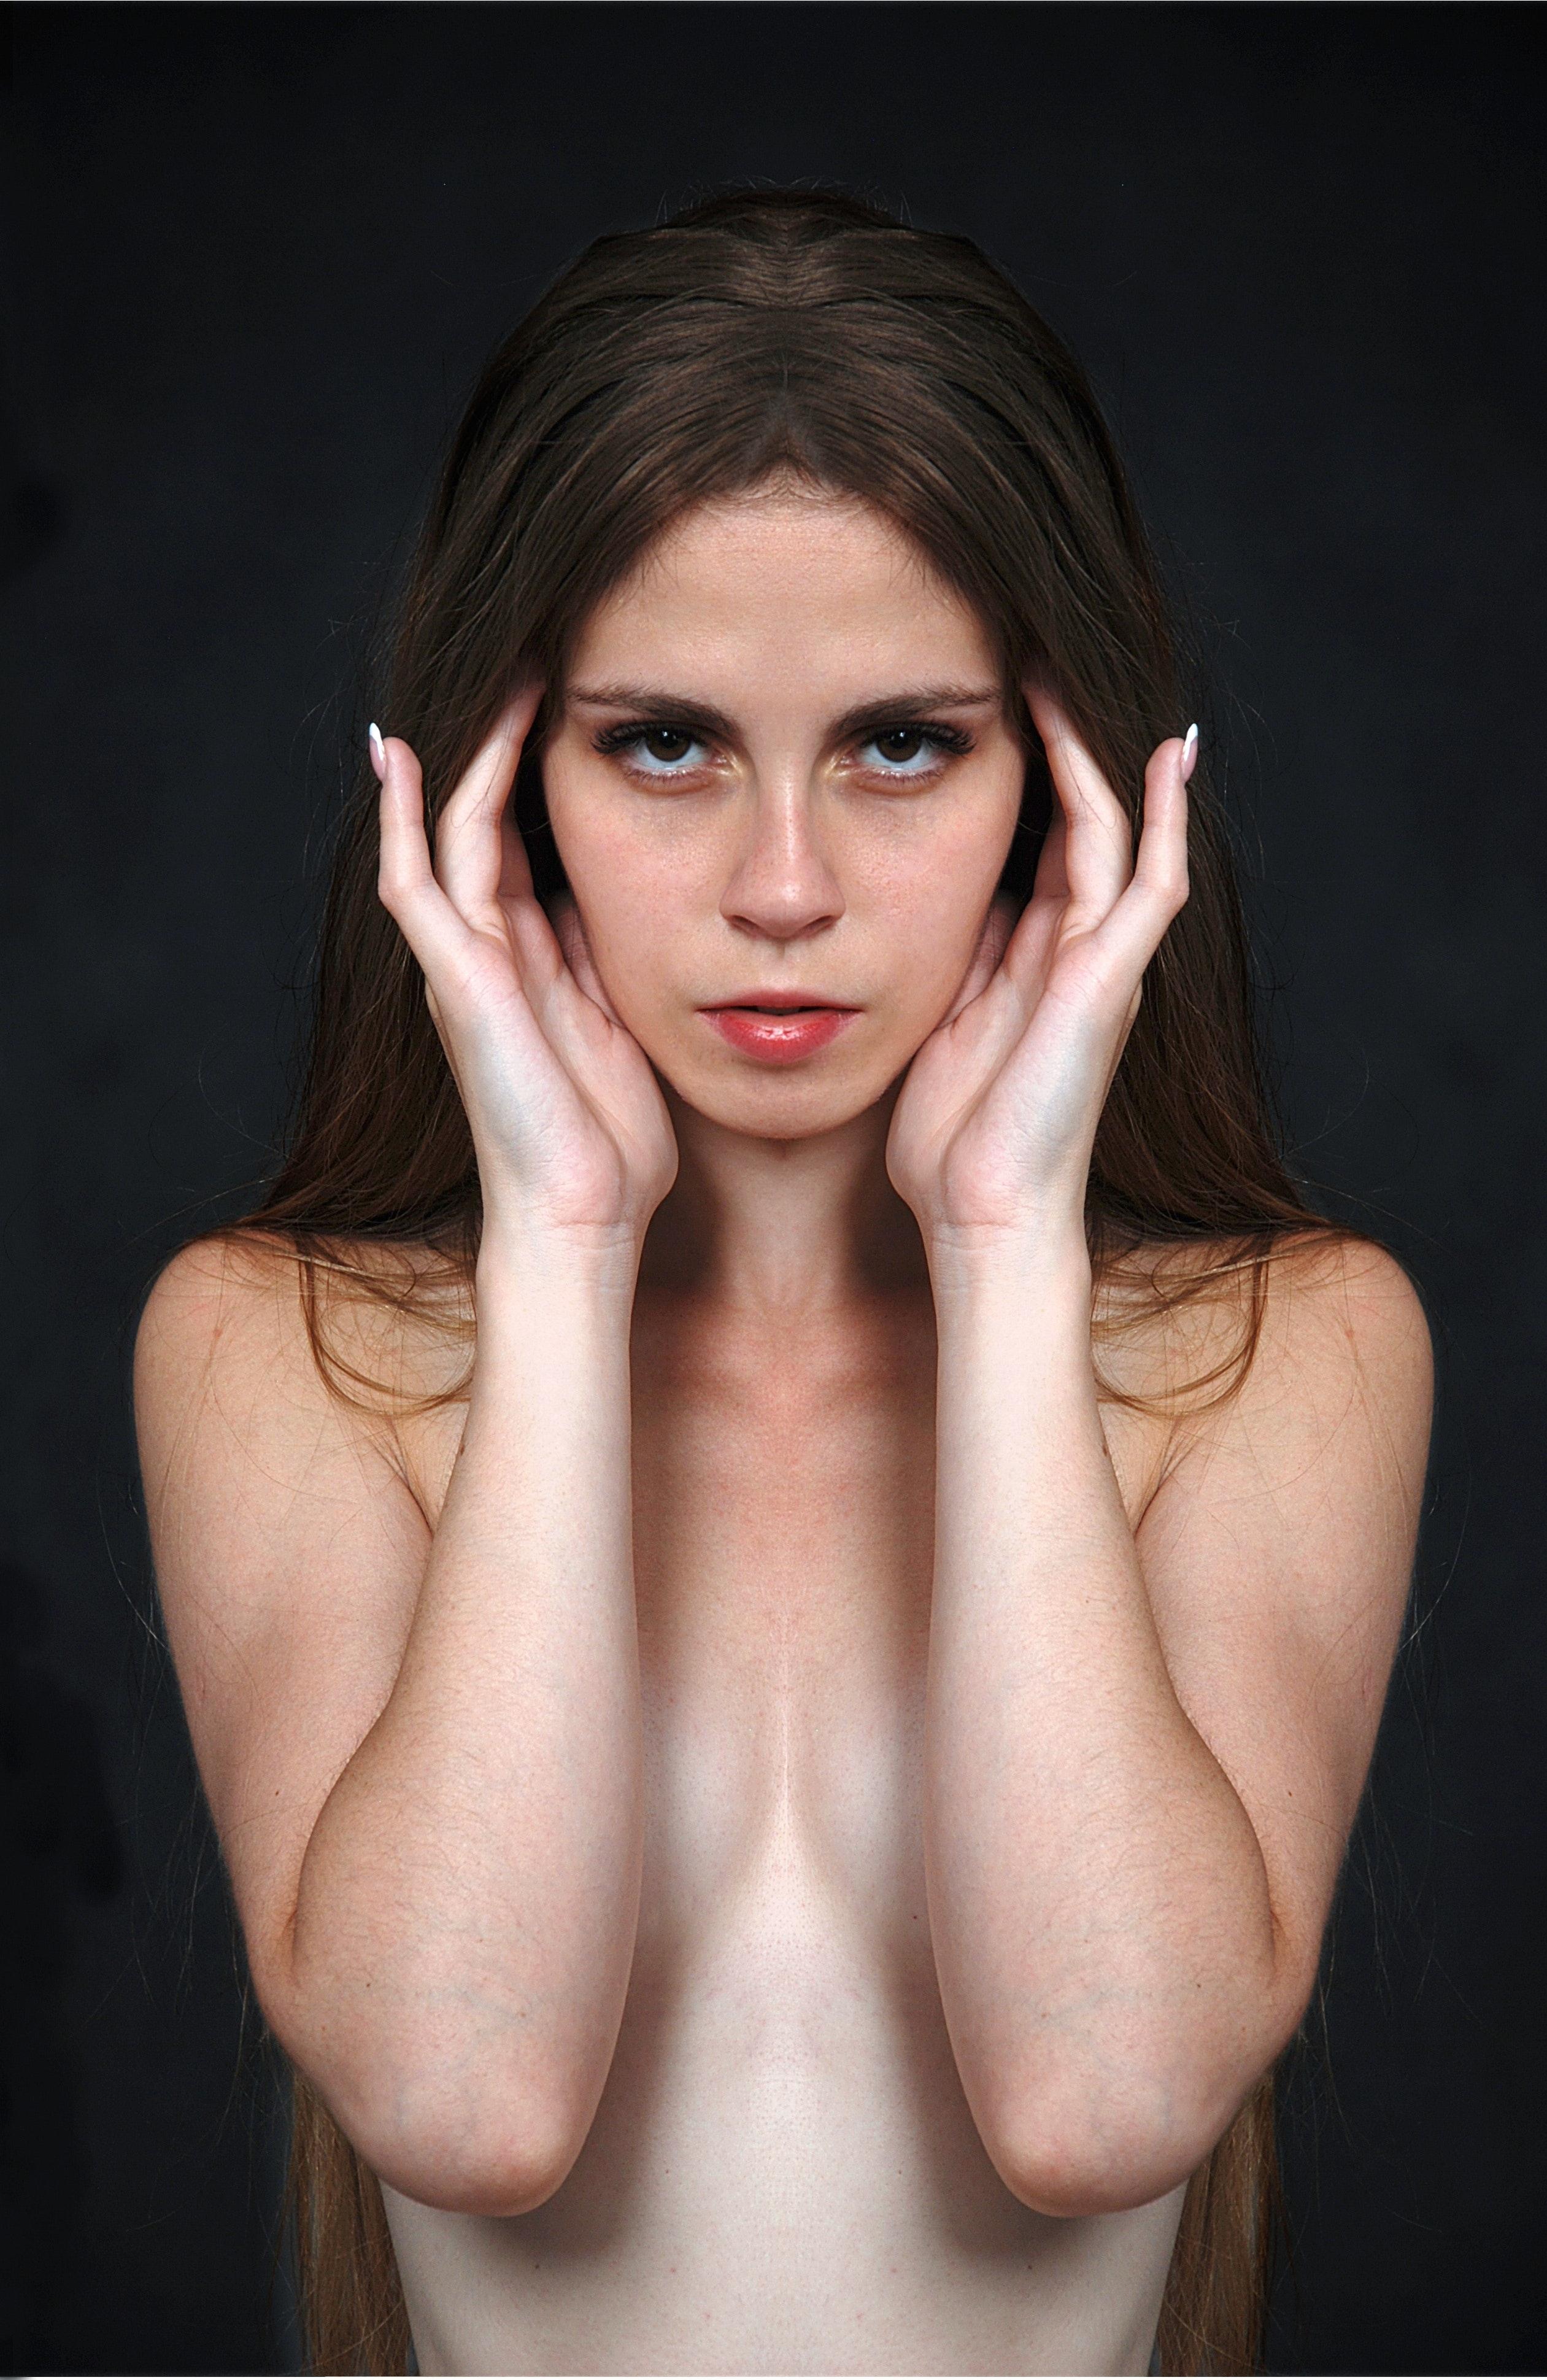 афтуру полезный смотреть порно про дагестанцев обращайте внимания!